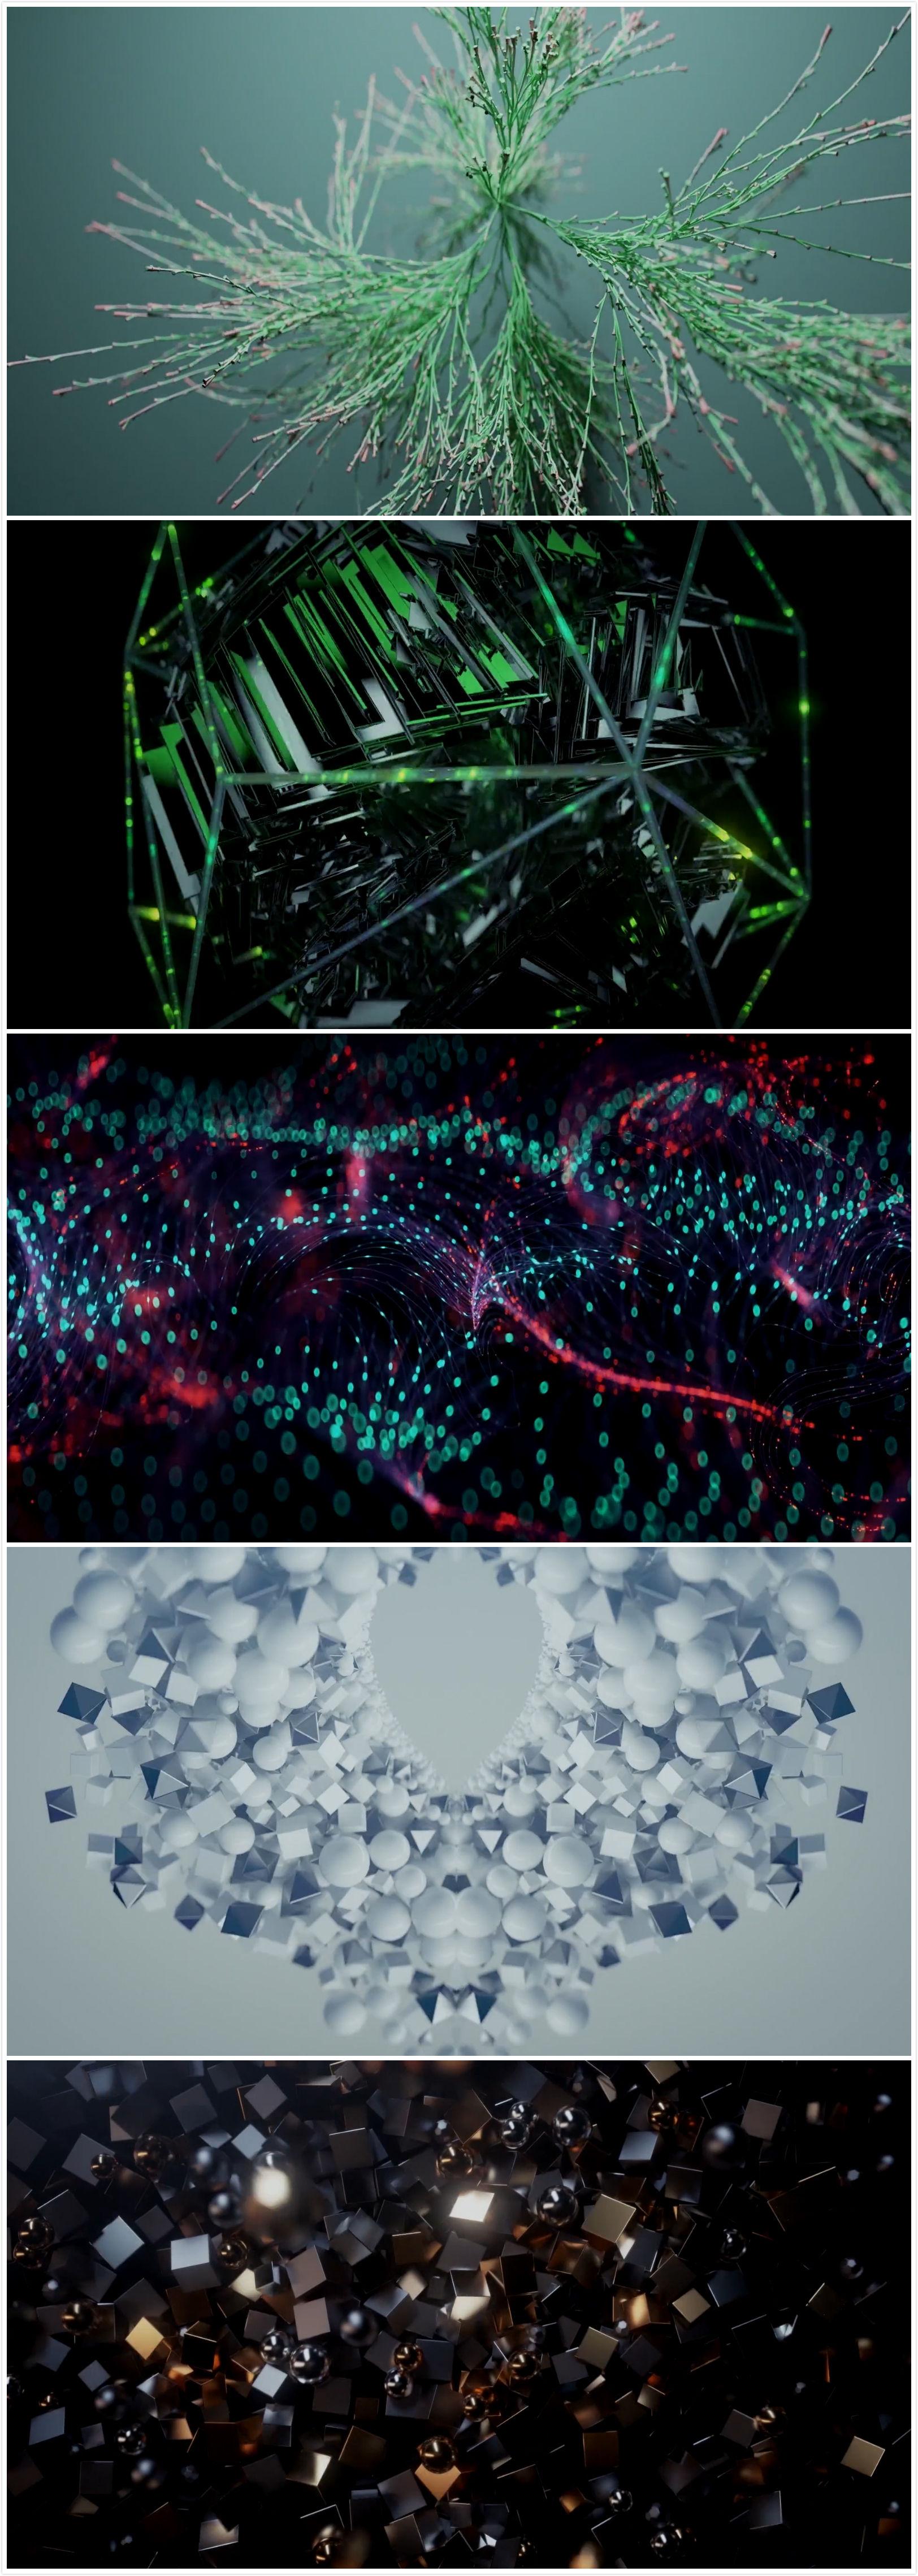 抽象创意镜头视频素材